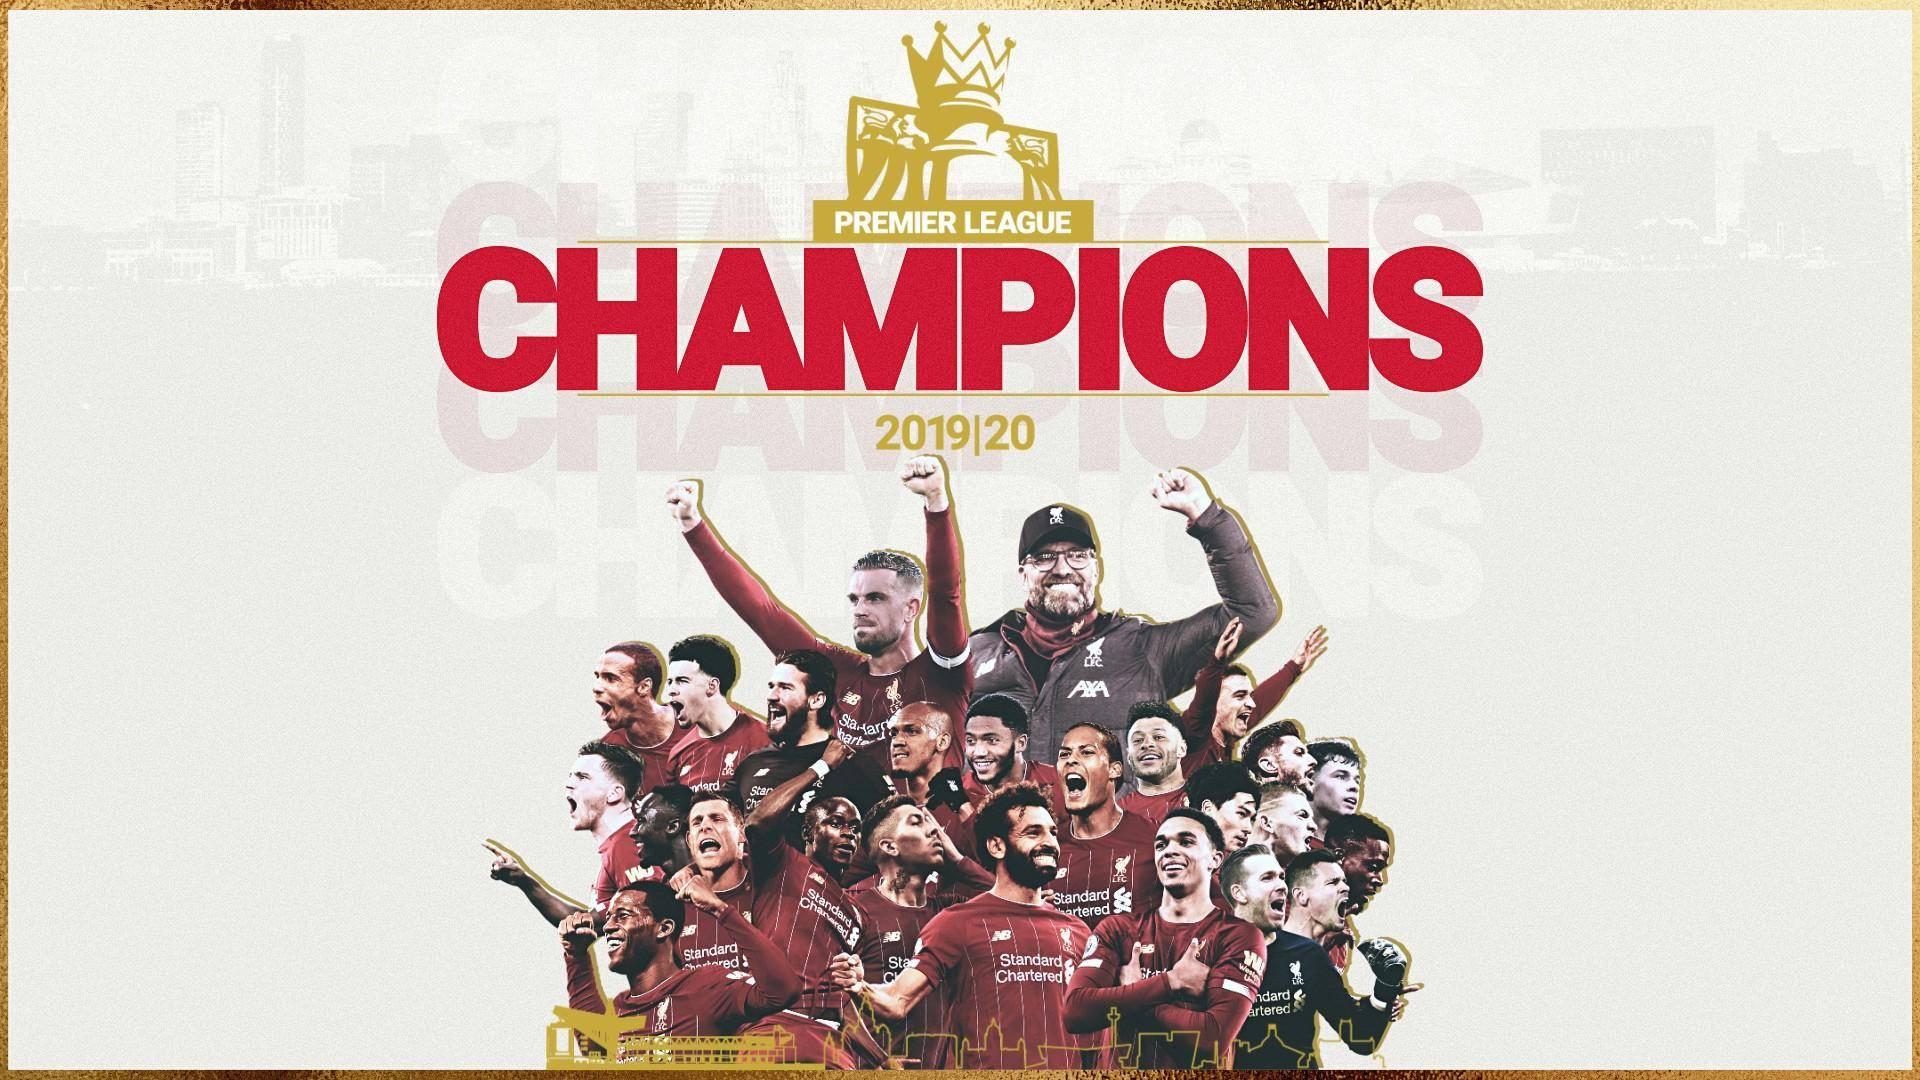 豪取首冠!天空体育盘点利物浦夺冠后仍可冲击的四大纪录